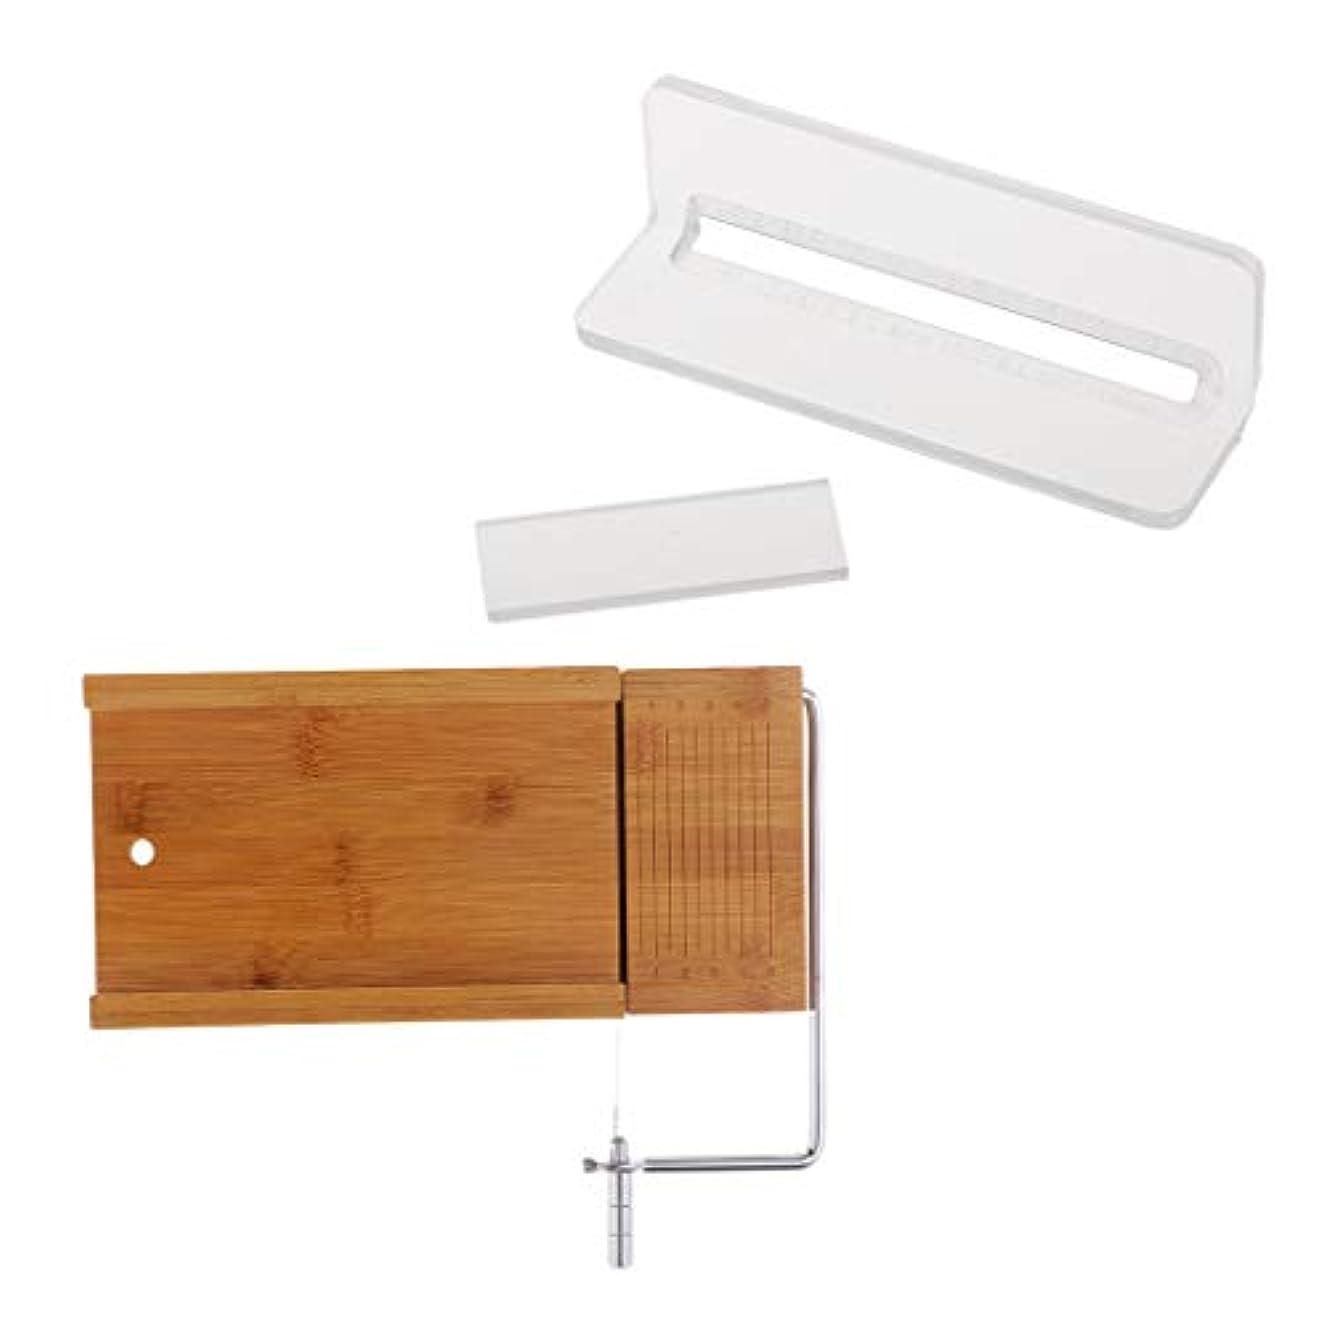 体系的にヒューバートハドソン噴火dailymall 木製石鹸カッタースライサーベベラープレーナー手作り石鹸切削工具を作る